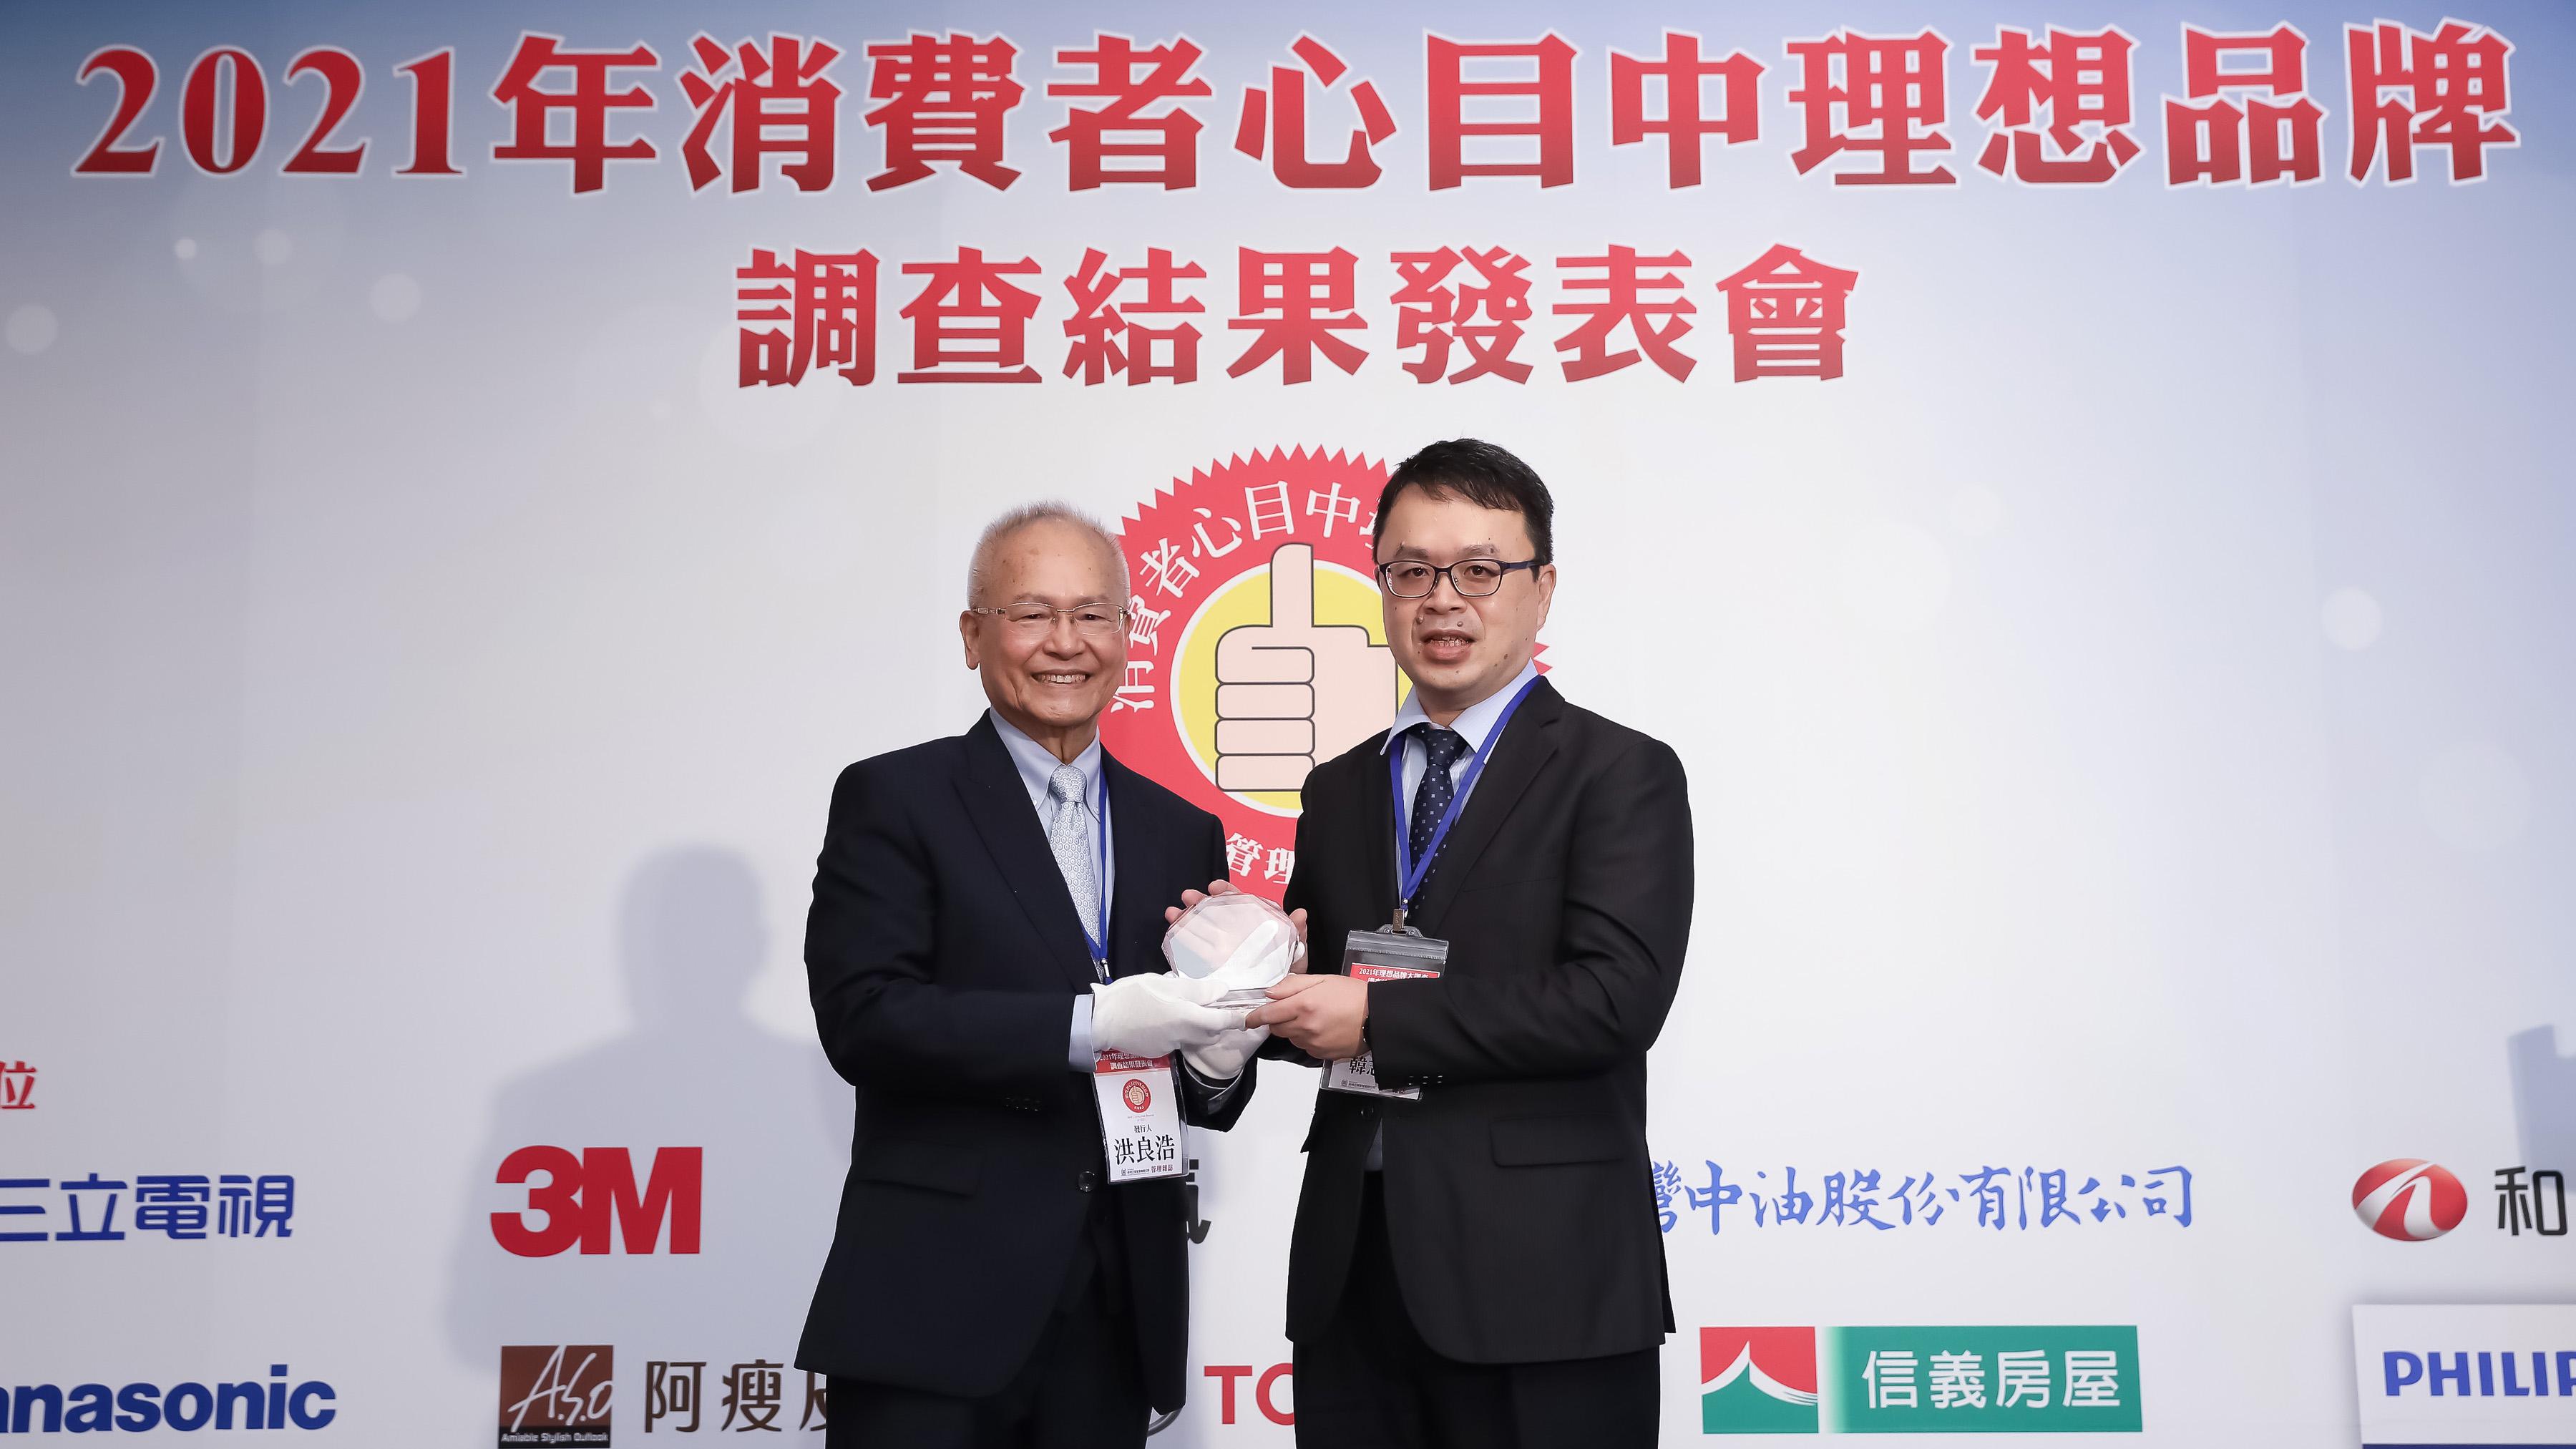 《管理雜誌》發行人洪良浩(左)頒發「消費者心目中理想品牌第一名」獎項予和泰汽車 Toyota 車輛部部長韓志剛(右)。